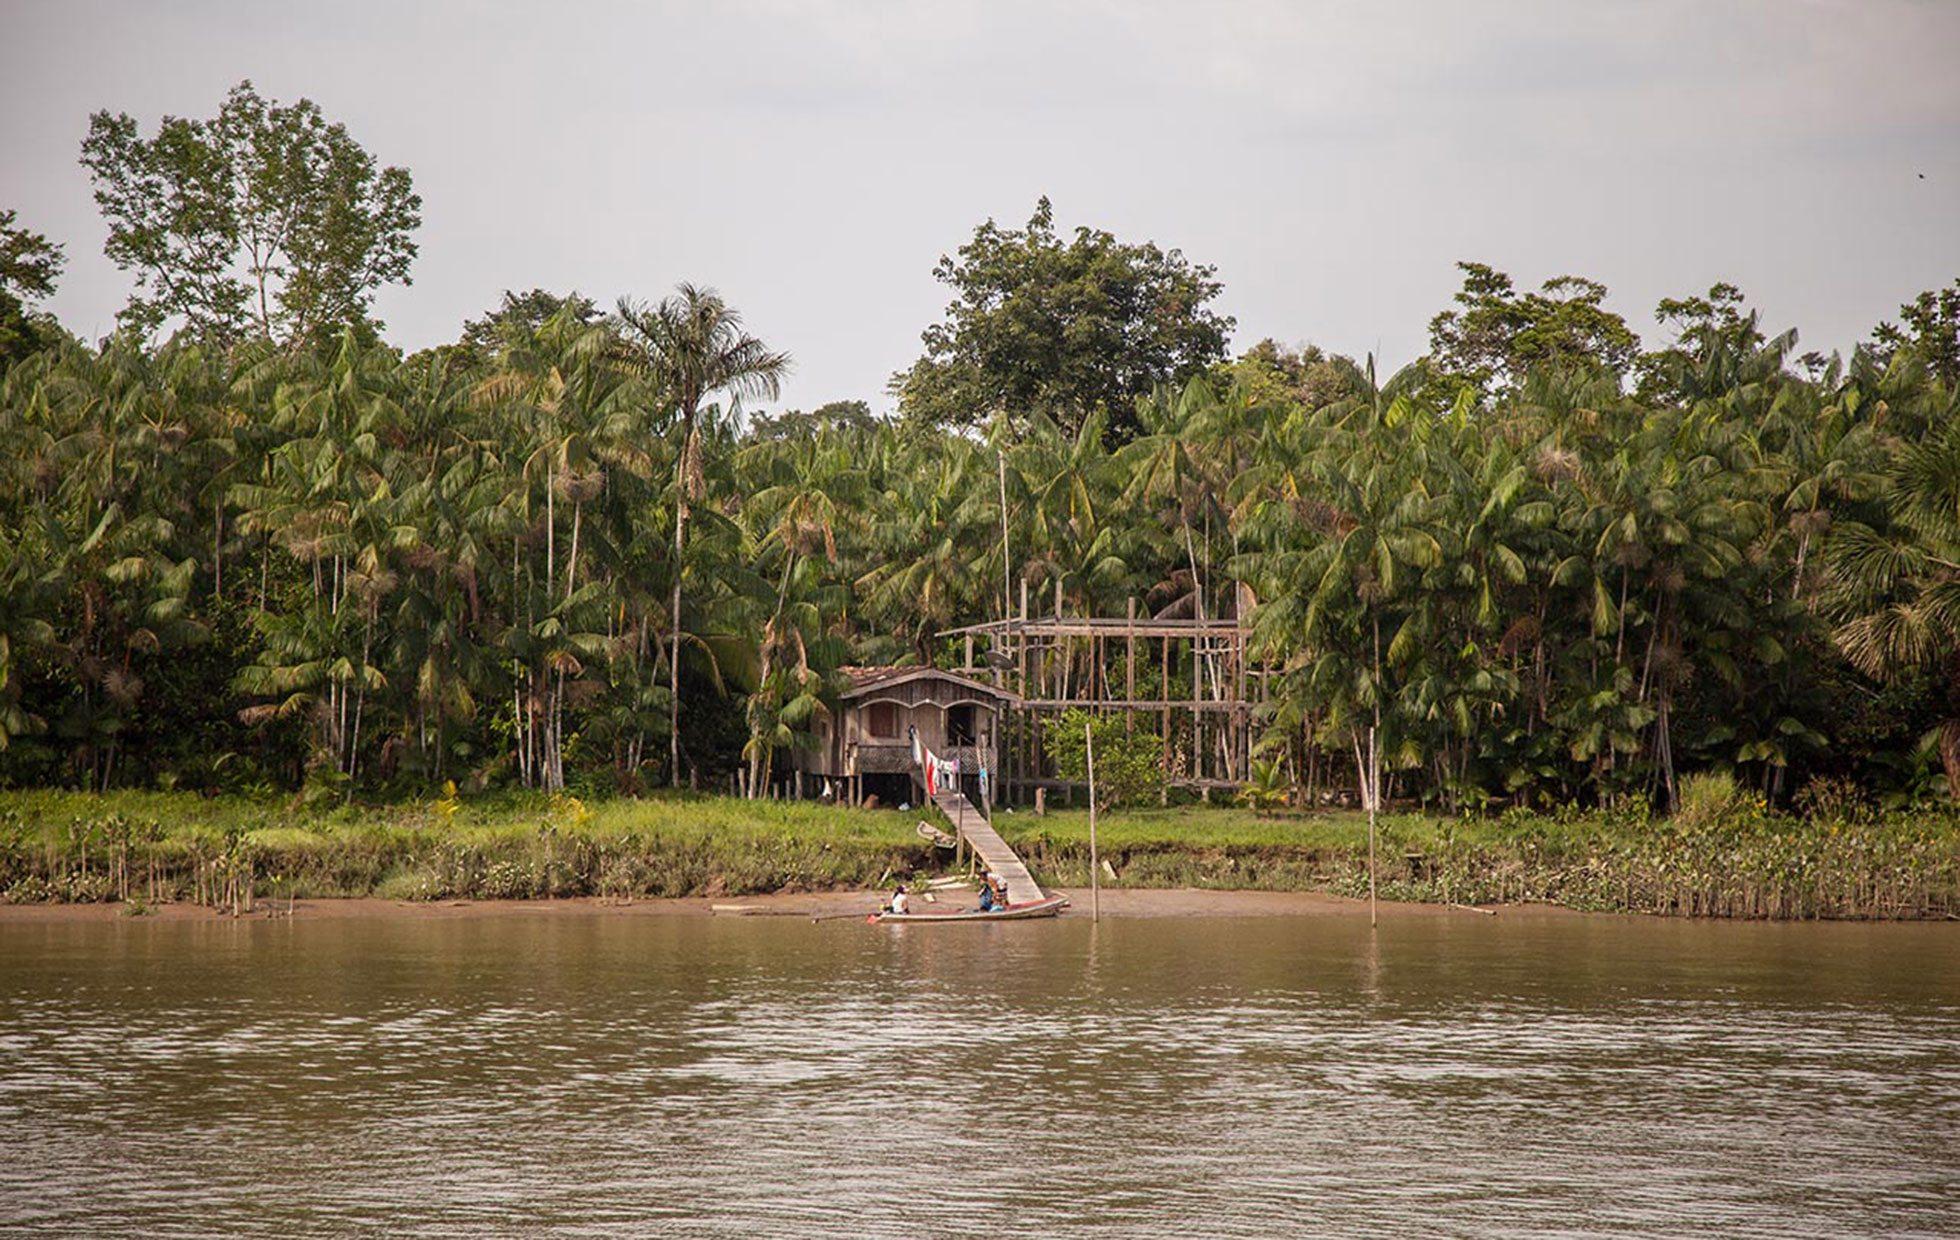 Brasil da sus reservas amazónicas a la minería